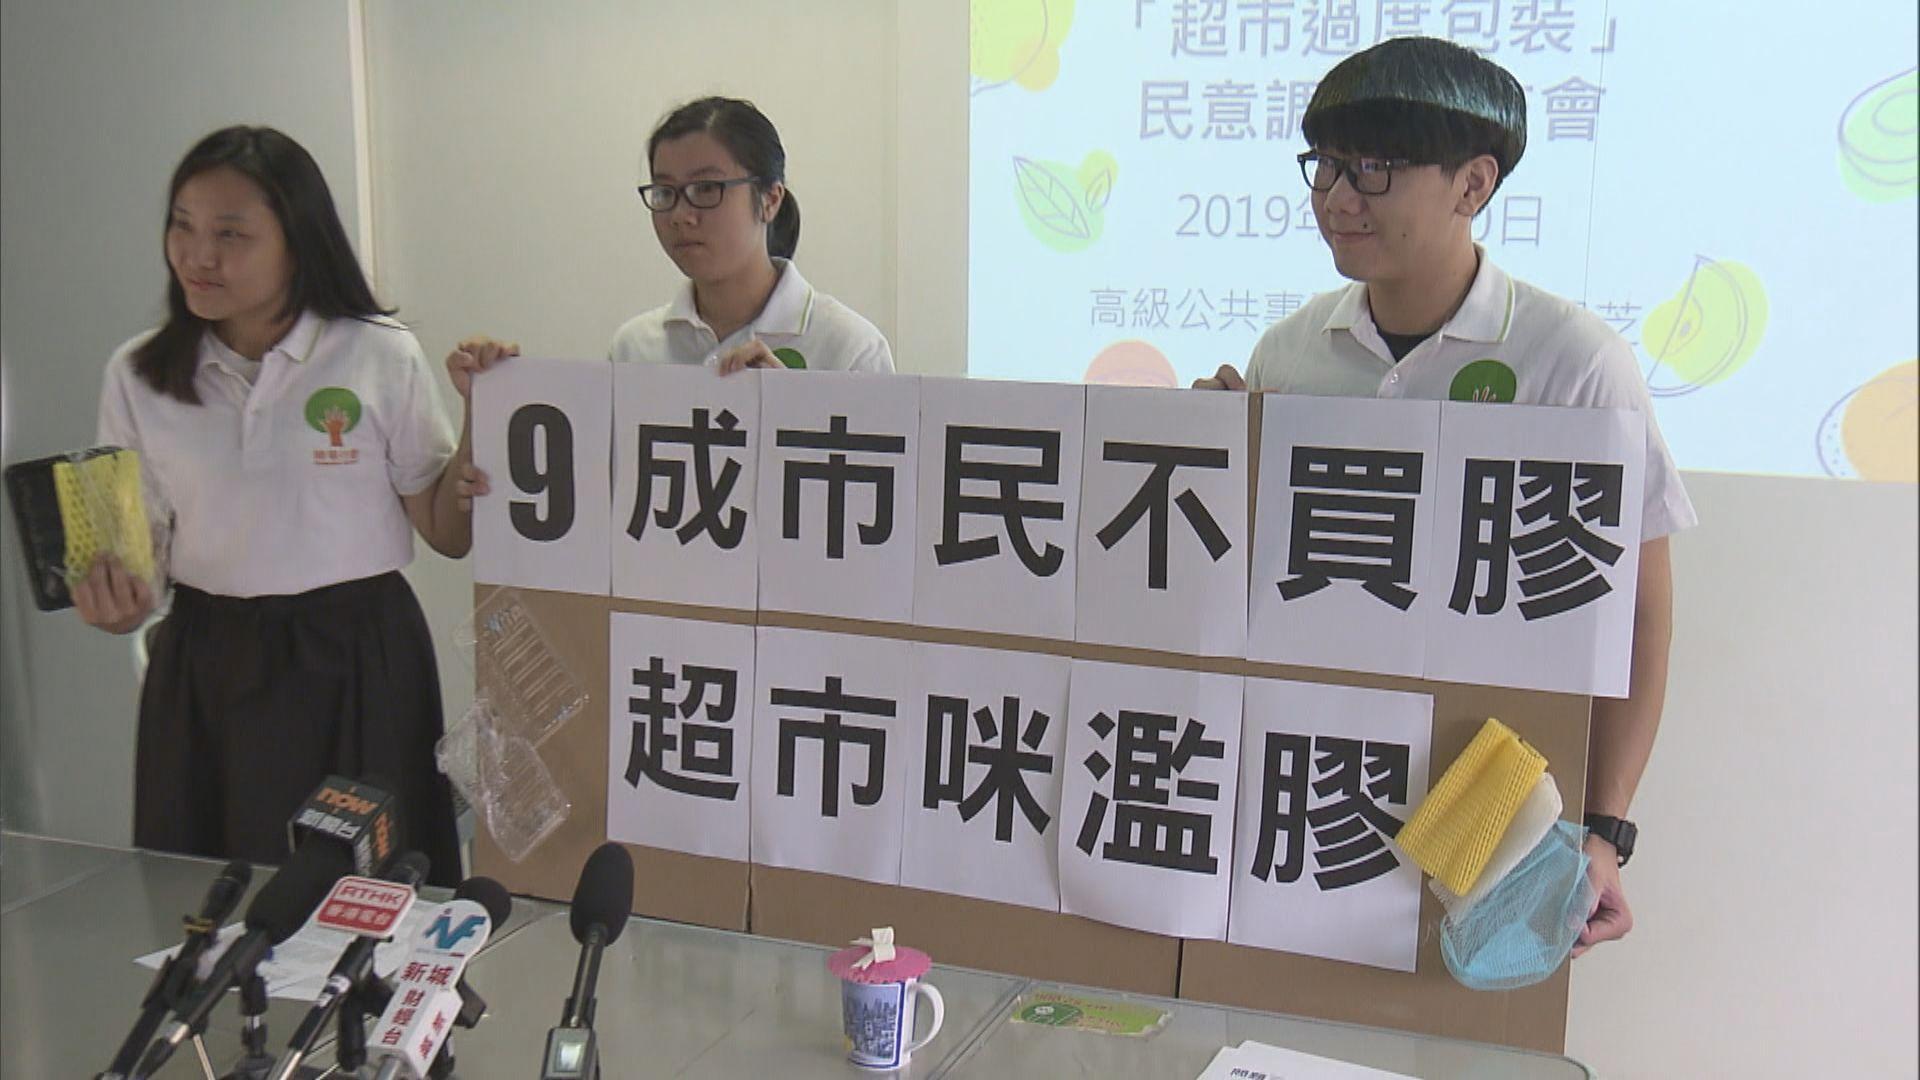 調查︰逾七成市民認為超市蔬果過度包裝